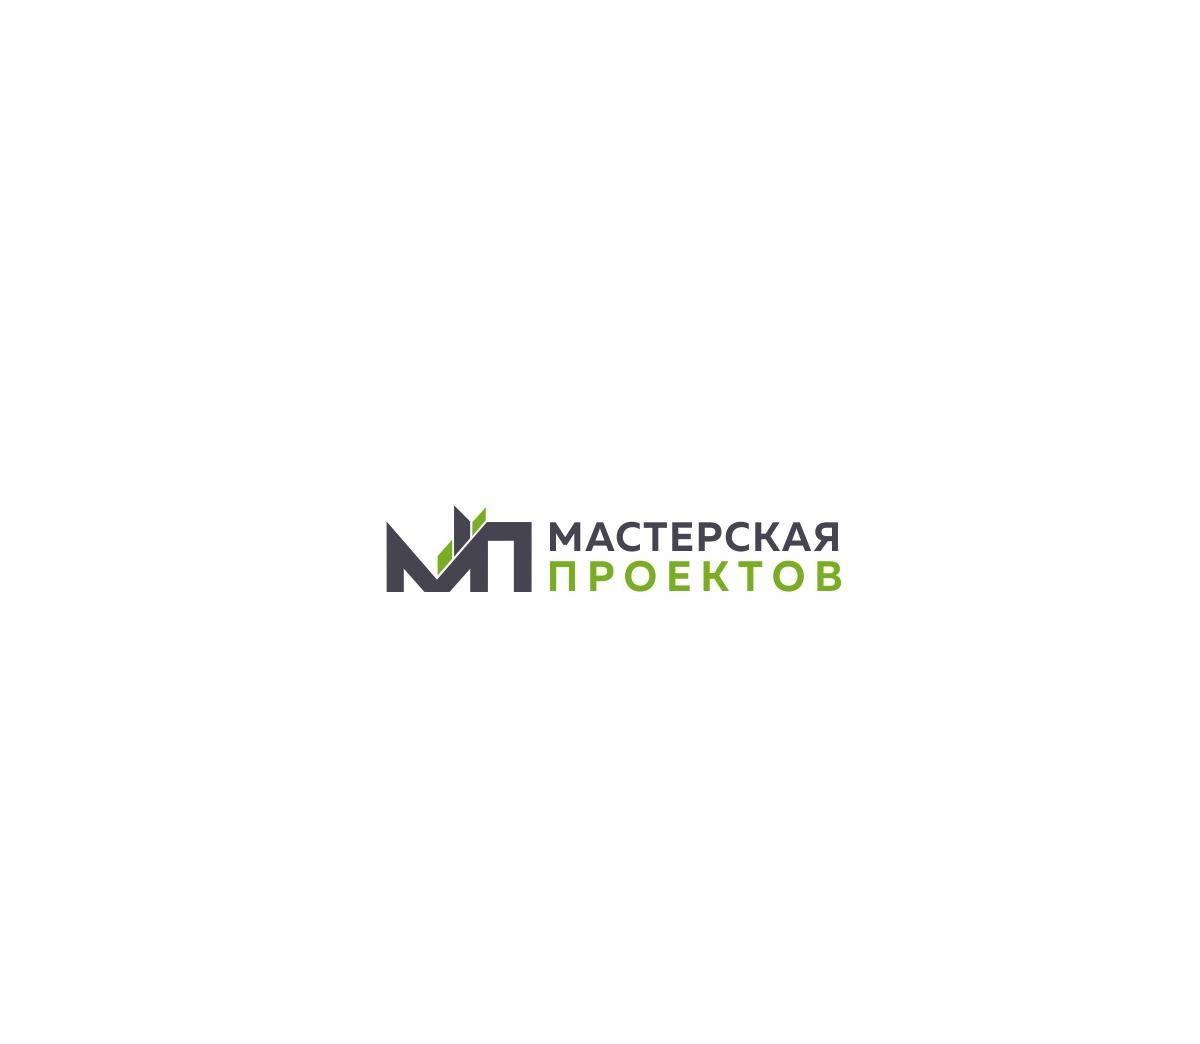 Разработка логотипа строительно-мебельного проекта (см. опис фото f_061606c5bb0d3aef.jpg